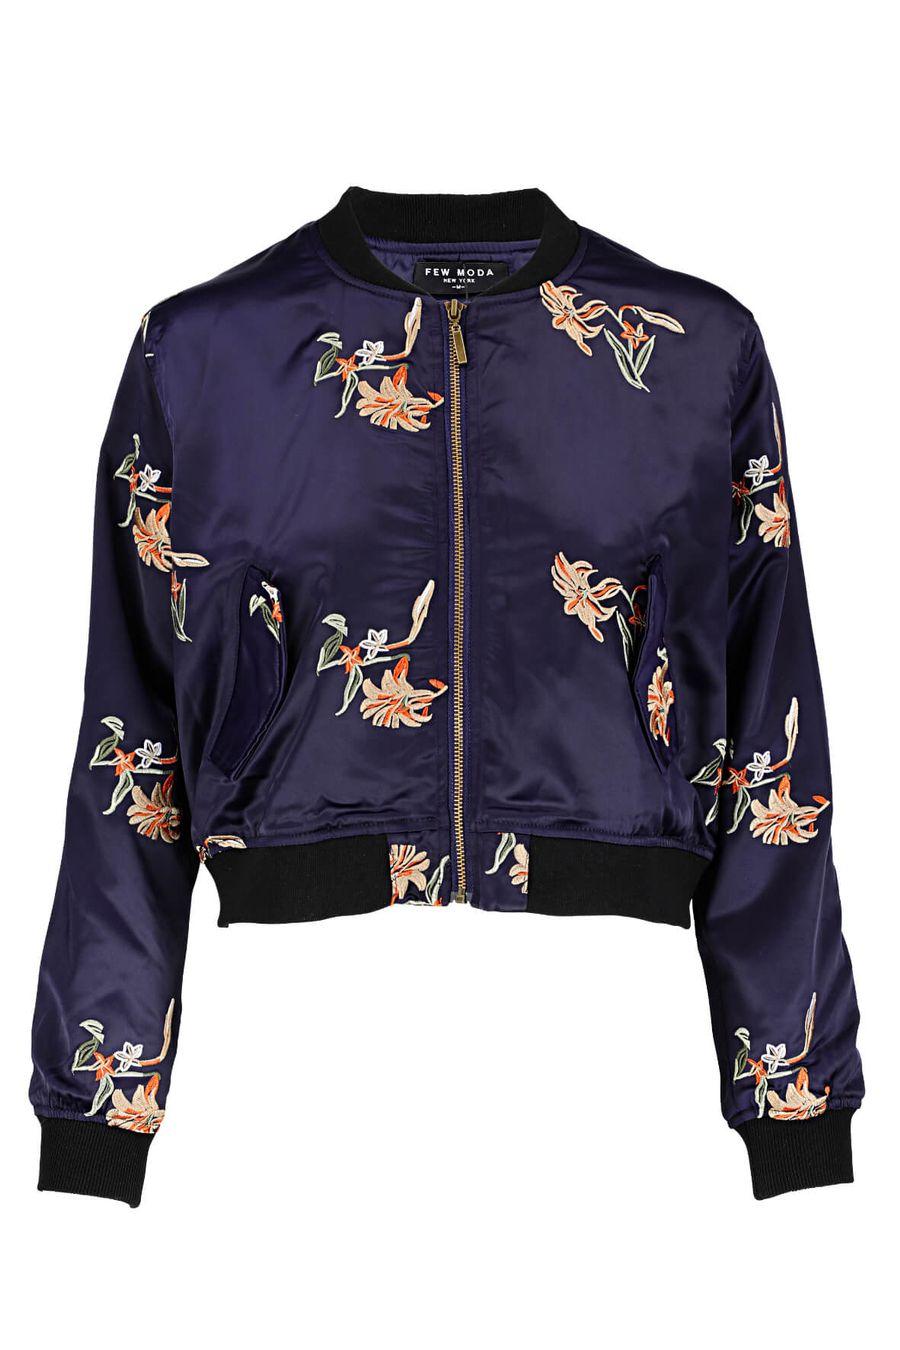 fewmoda-floral-embroidery-jacket-1